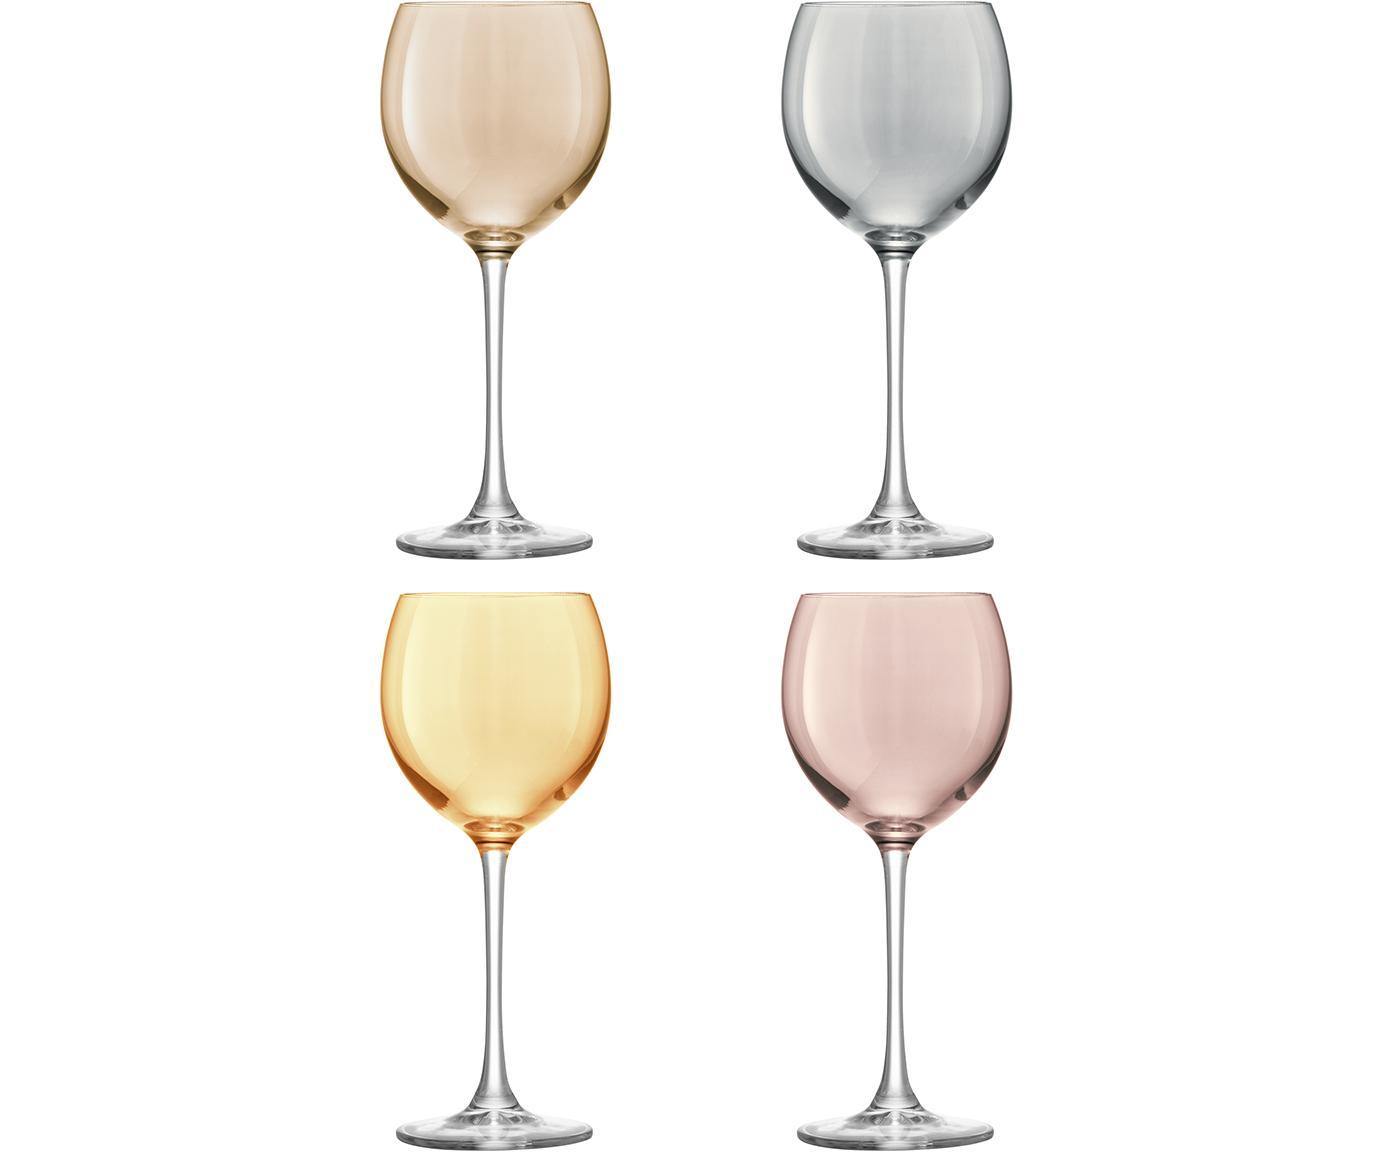 Handbeschilderde wijnglazenset Polka, 4-delig, Glas, Geel, kastanjebruin, grijs, bruin, Ø 9 x H 21 cm